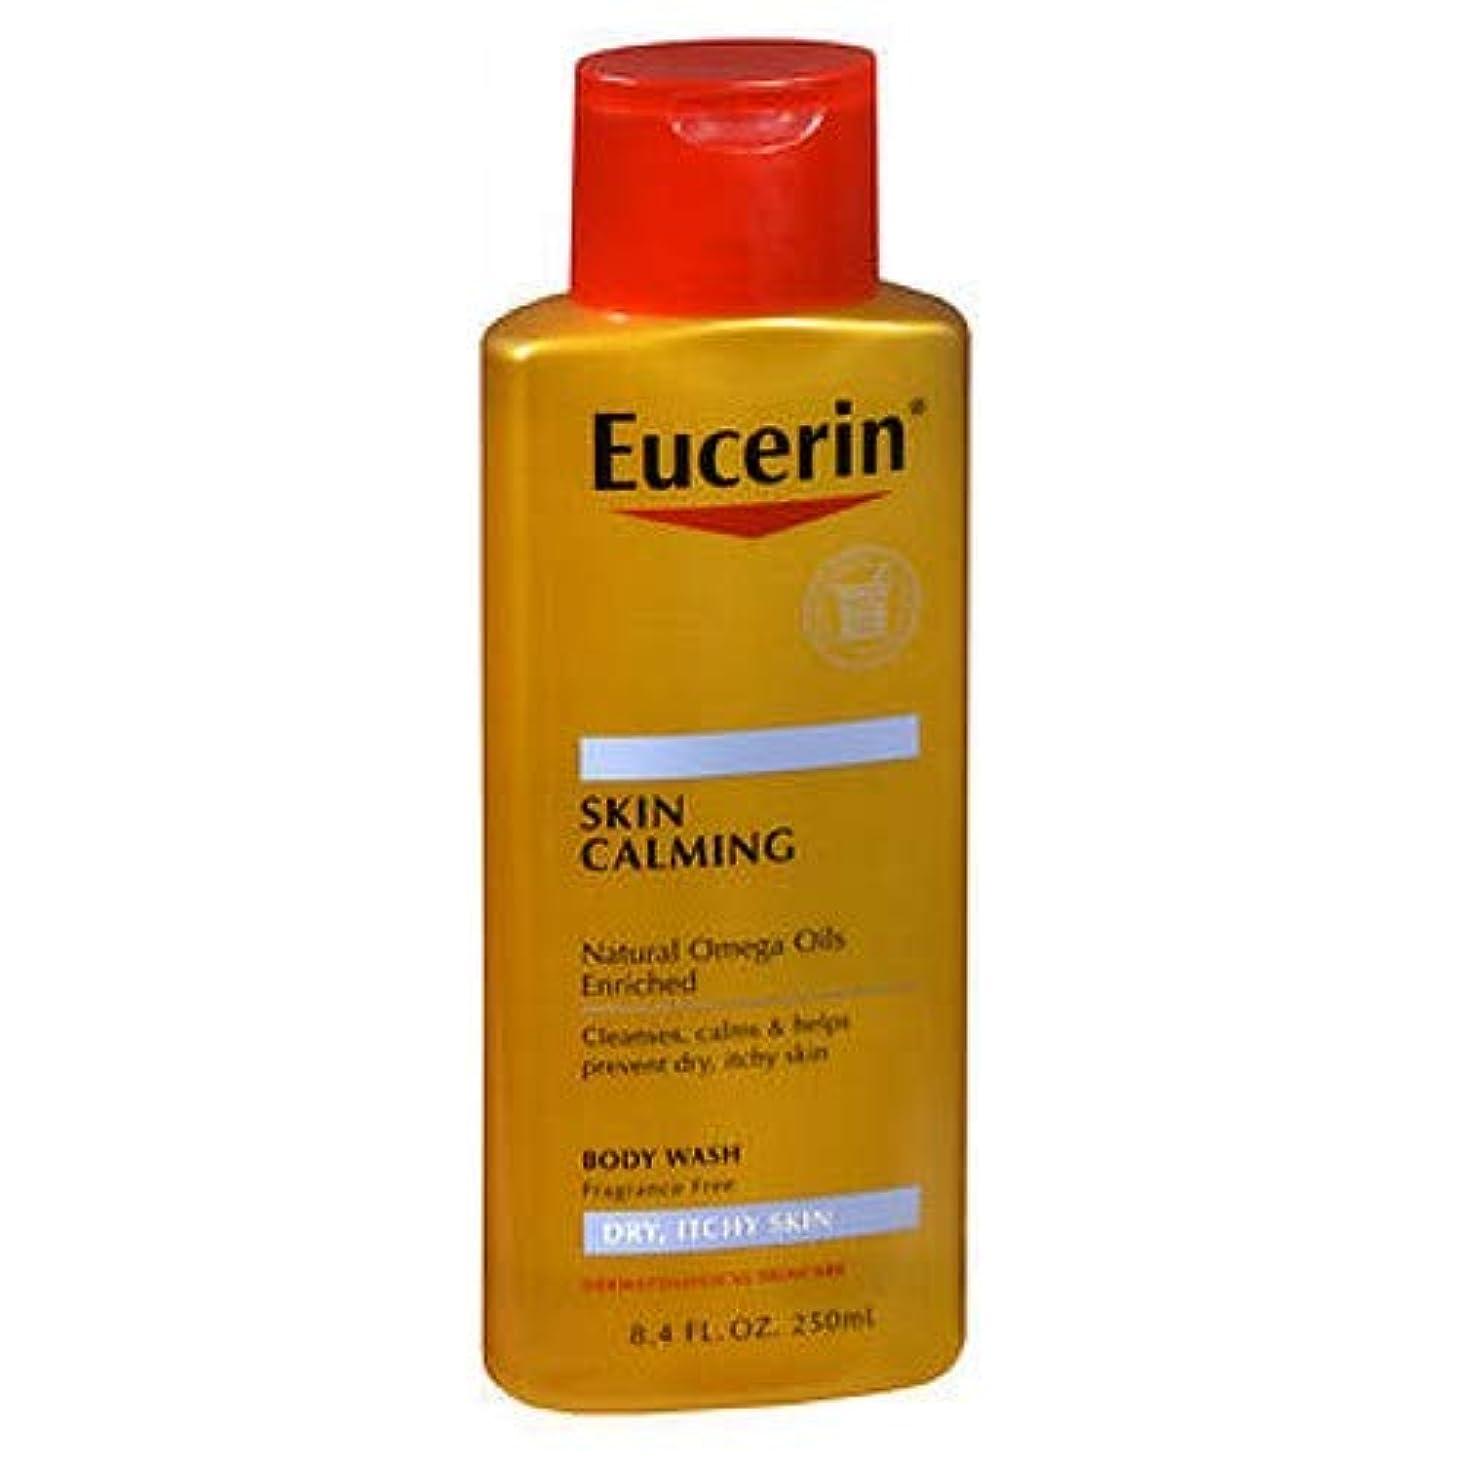 輝く合わせて散文ユーセリン スキン クライミング ボディーウォシュ 乾燥した肌、かゆみのある肌向け用 無香料 (250 ml) (並行輸入品)